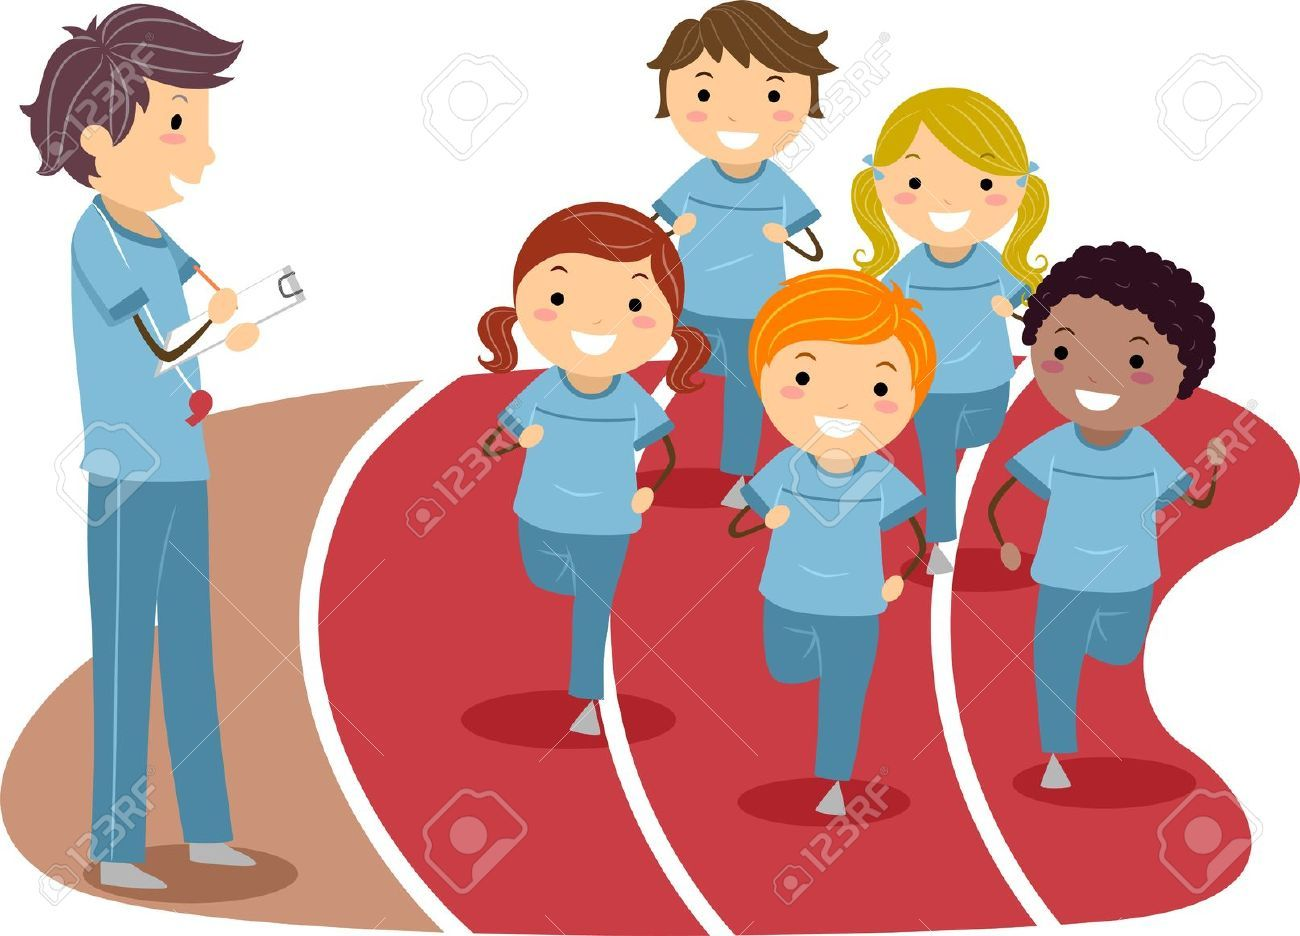 Ninos Corriendo Dibujo Animado Buscar Con Google Profesor Educacion Fisica Planificacion De Educacion Fisica Clases De Educacion Fisica